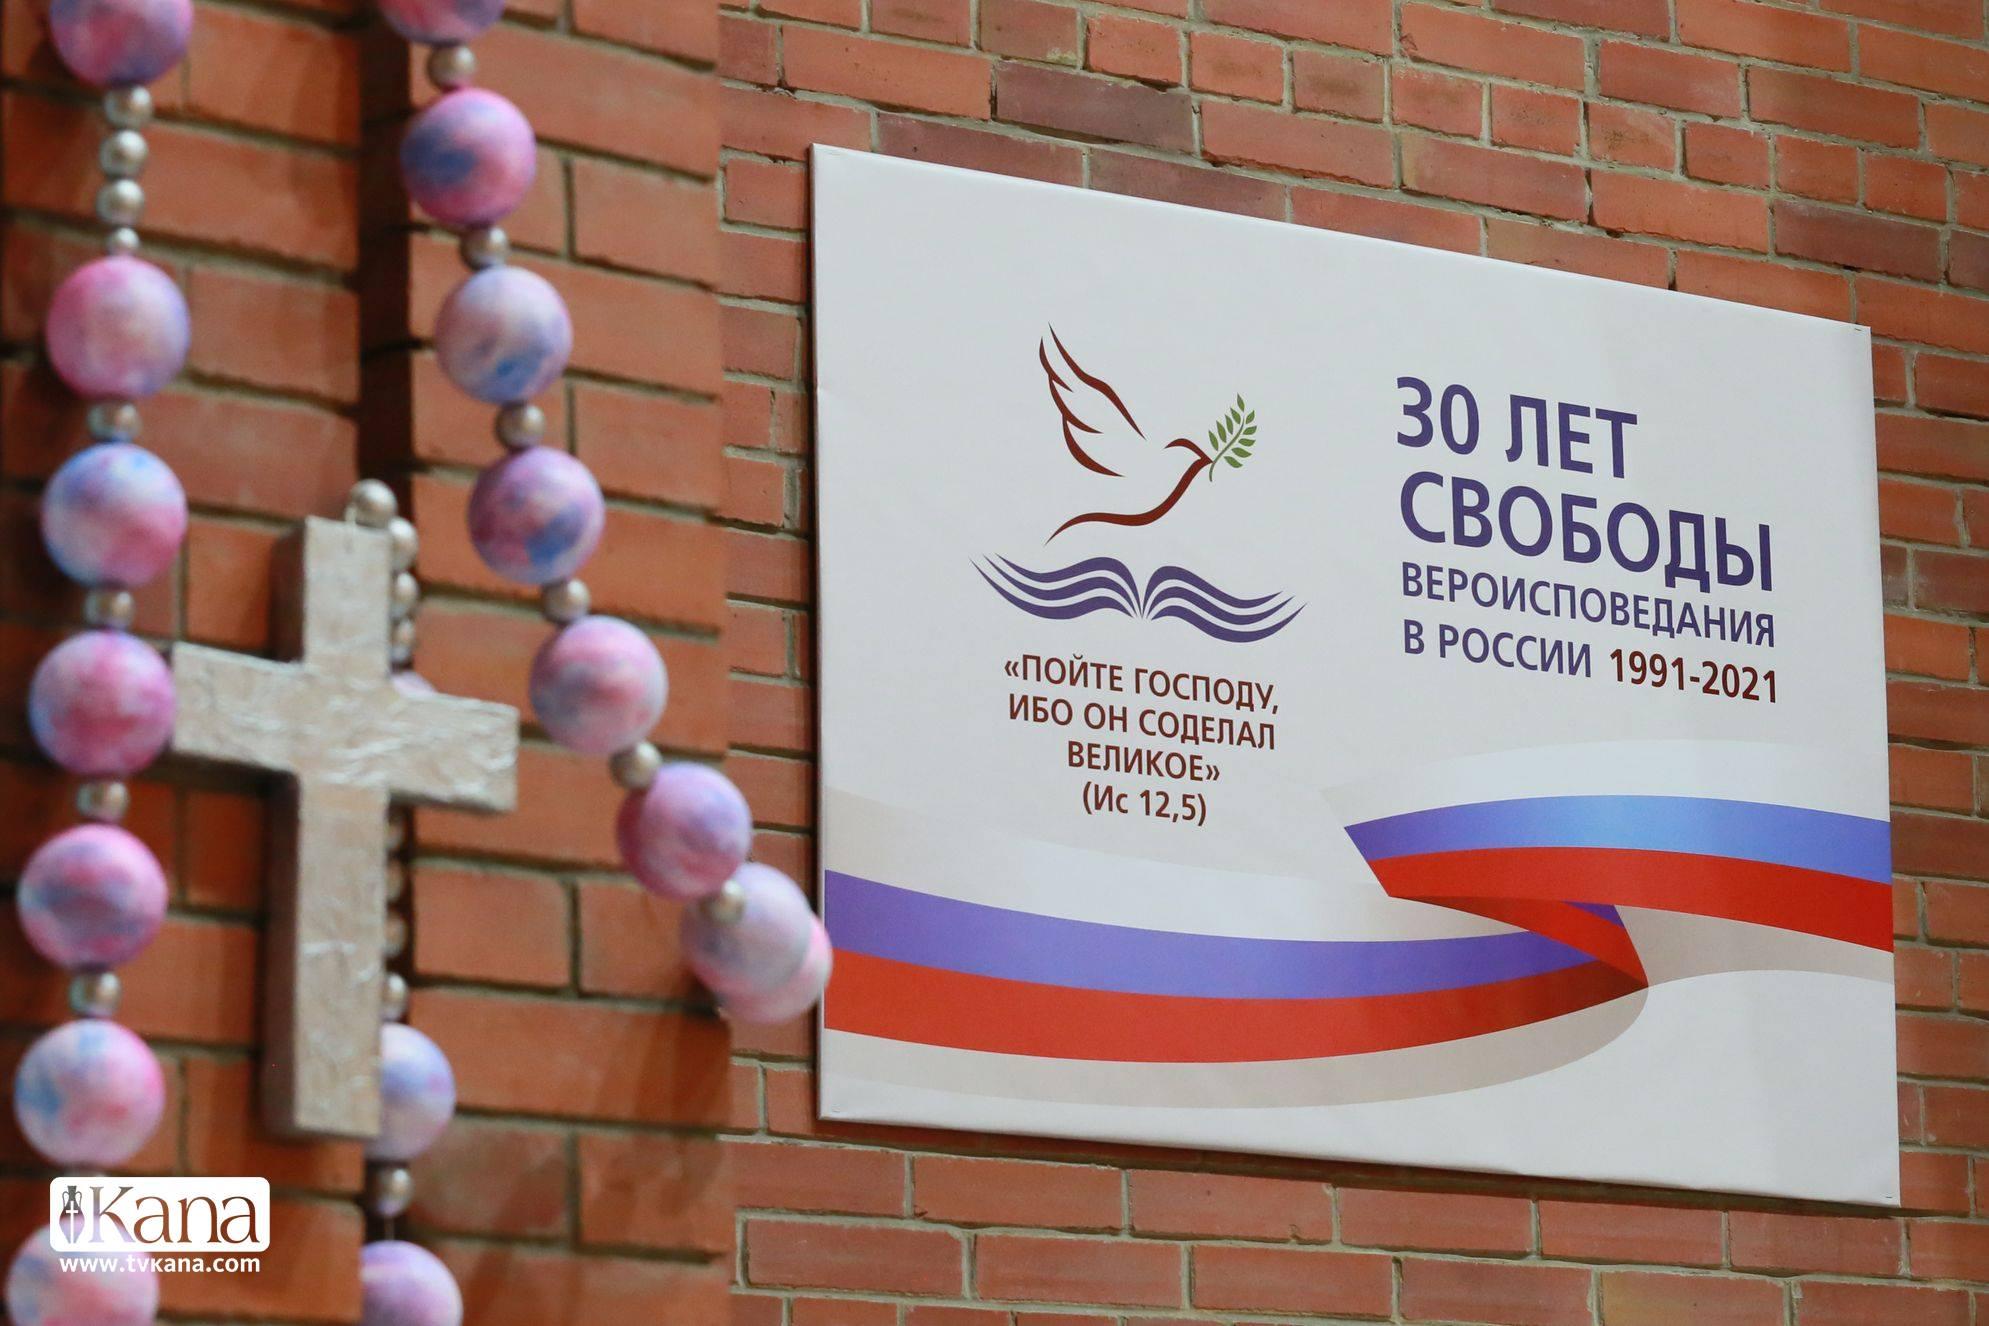 Первый день торжеств в Новосибирске: Святая Месса, свидетельства, концерт… (+ ФОТО)